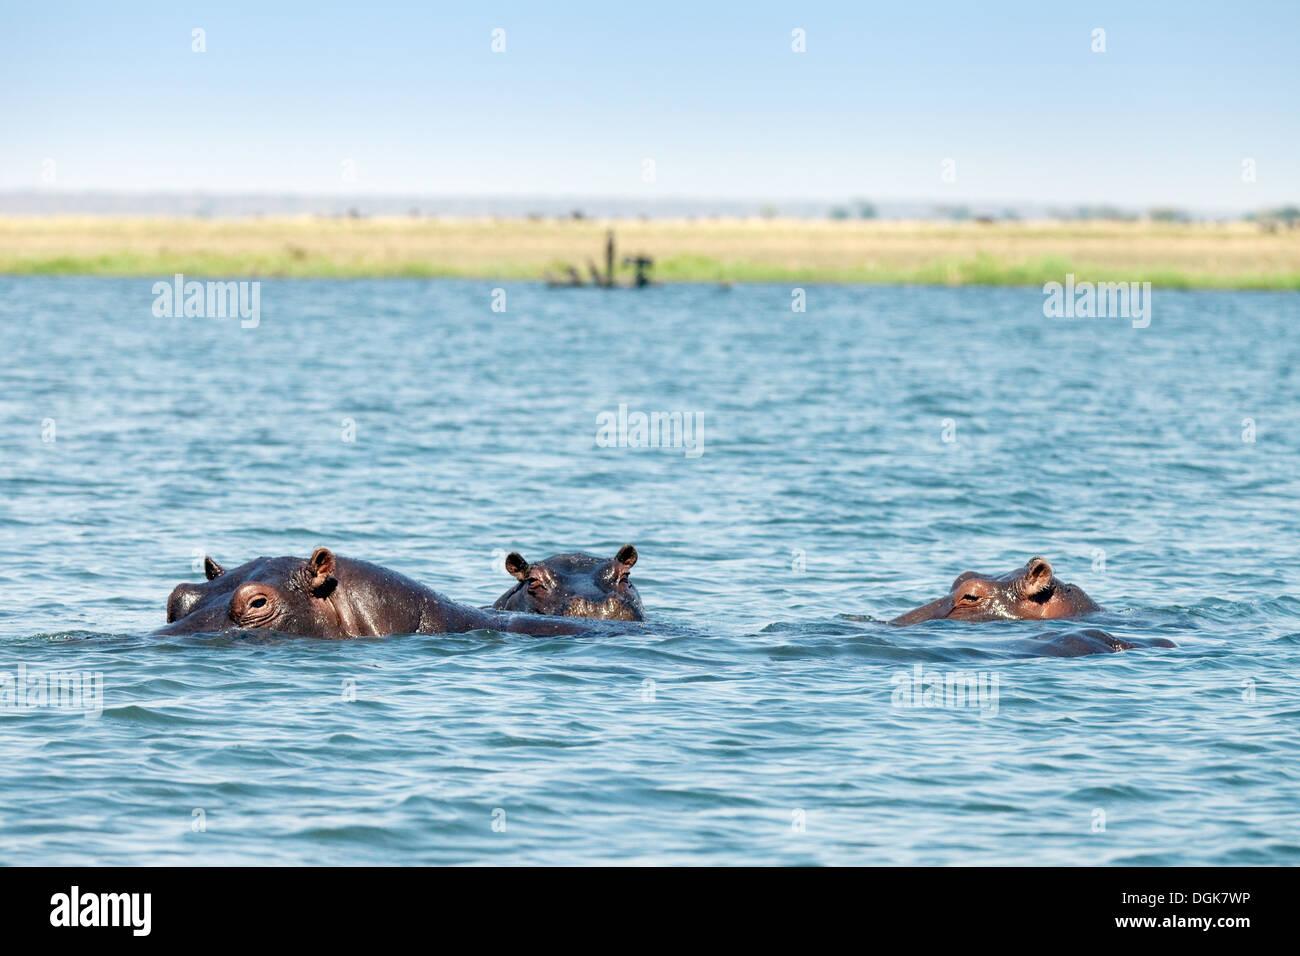 Hippos ( Hippopotamus amphibius ) swimming in the Chobe River, Chobe national Park, Botswana, Africa - Stock Image